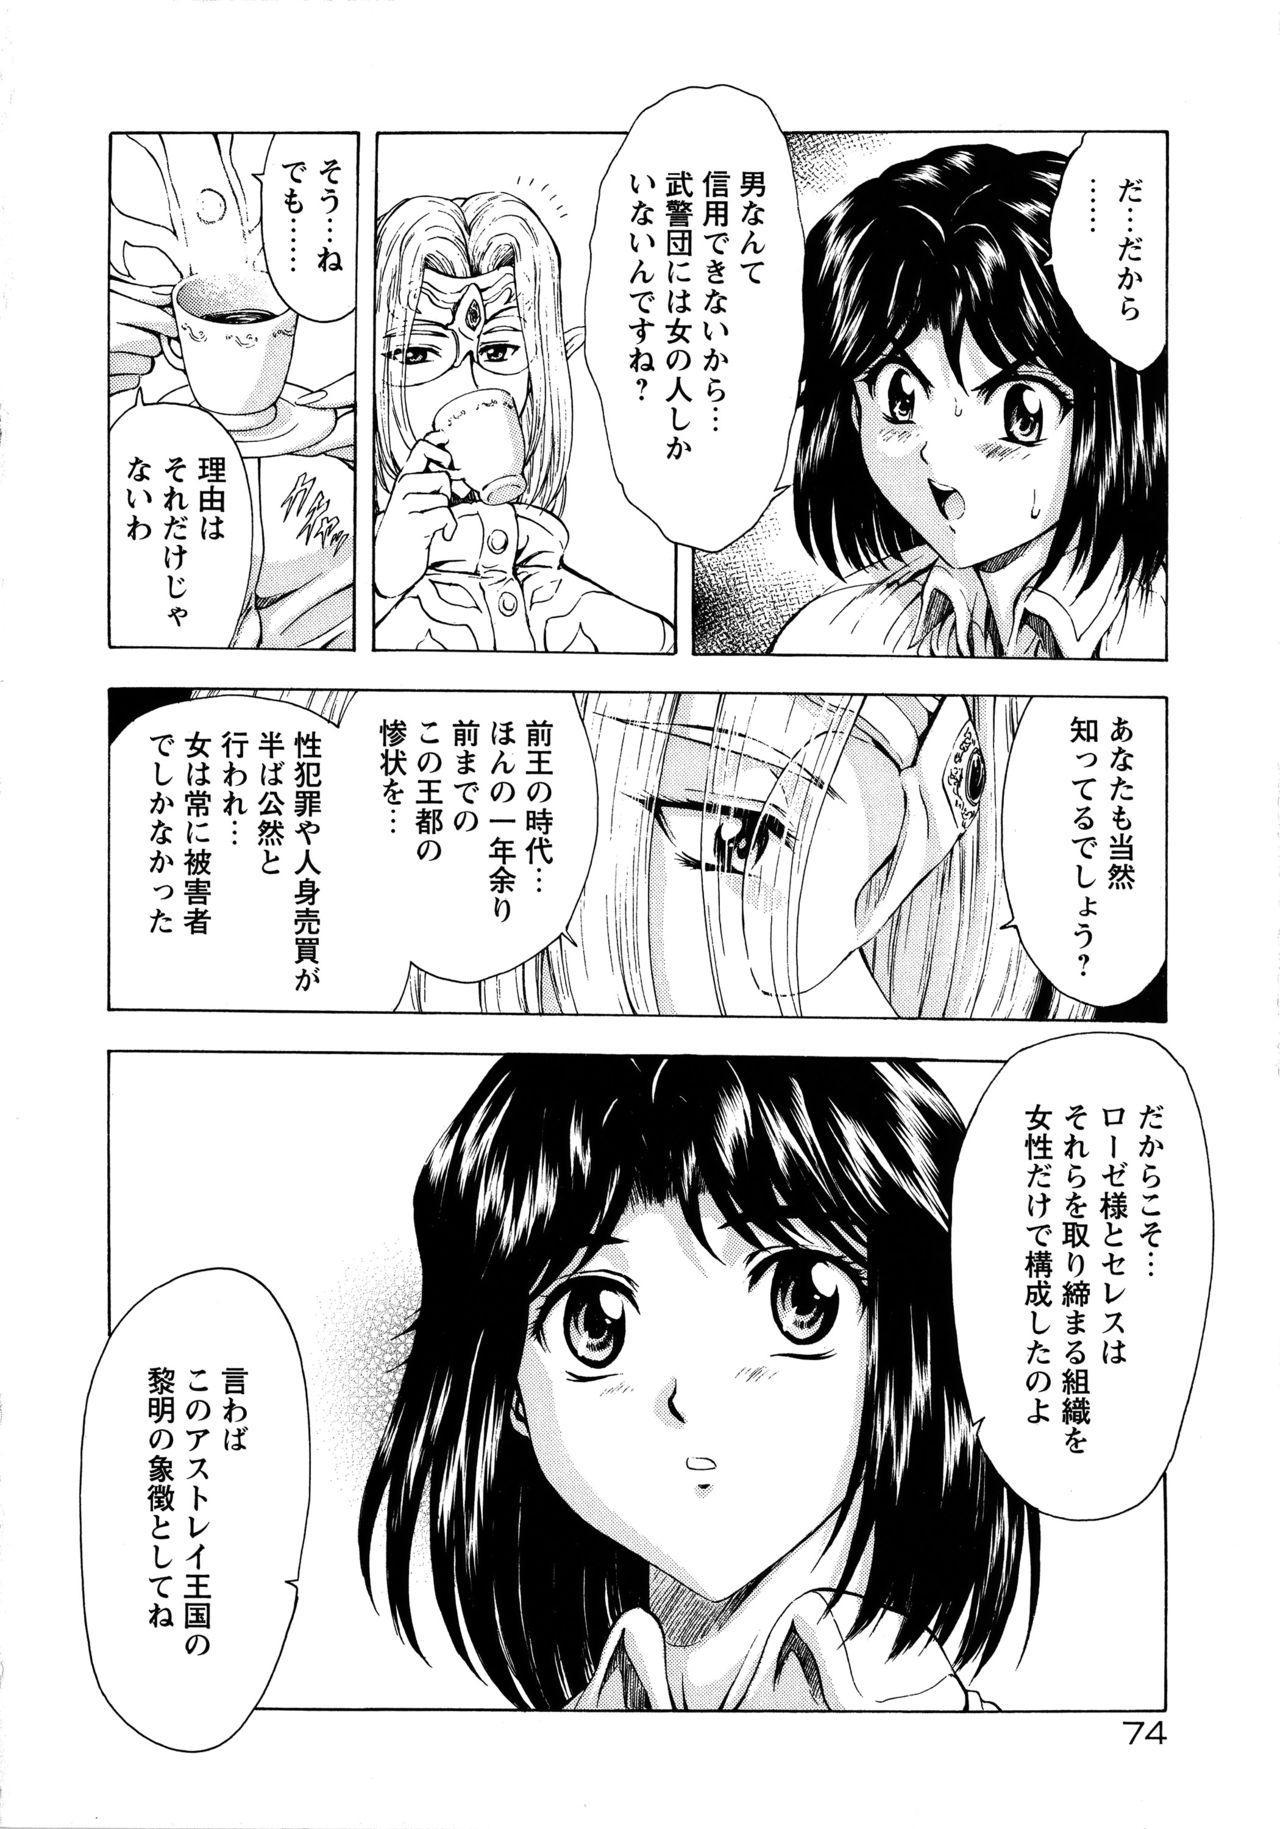 Ginryuu no Reimei Vol. 1 81